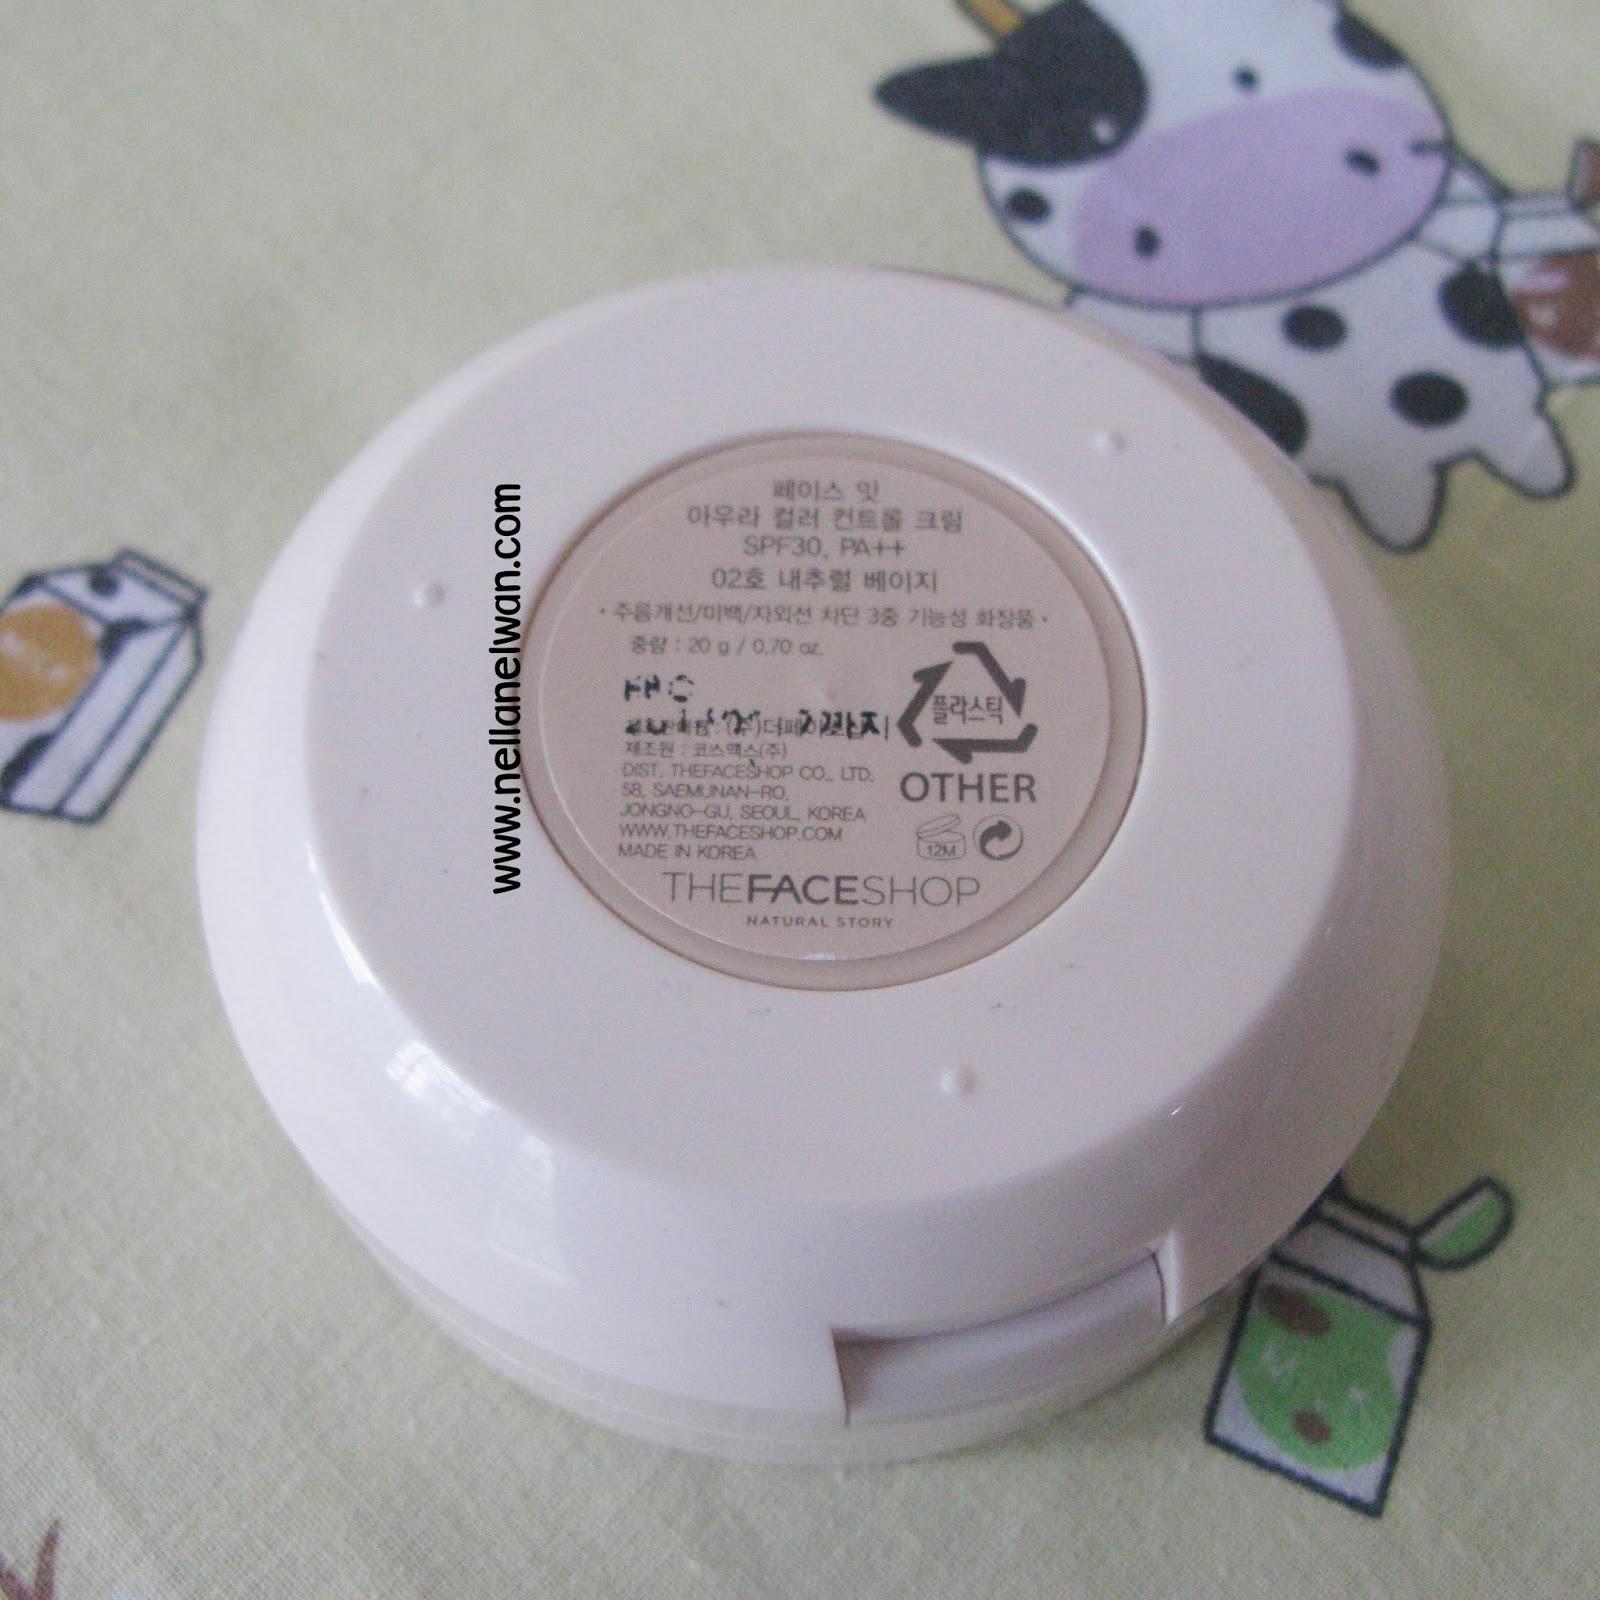 Hộp sản phẩm Face Shop CC Cream